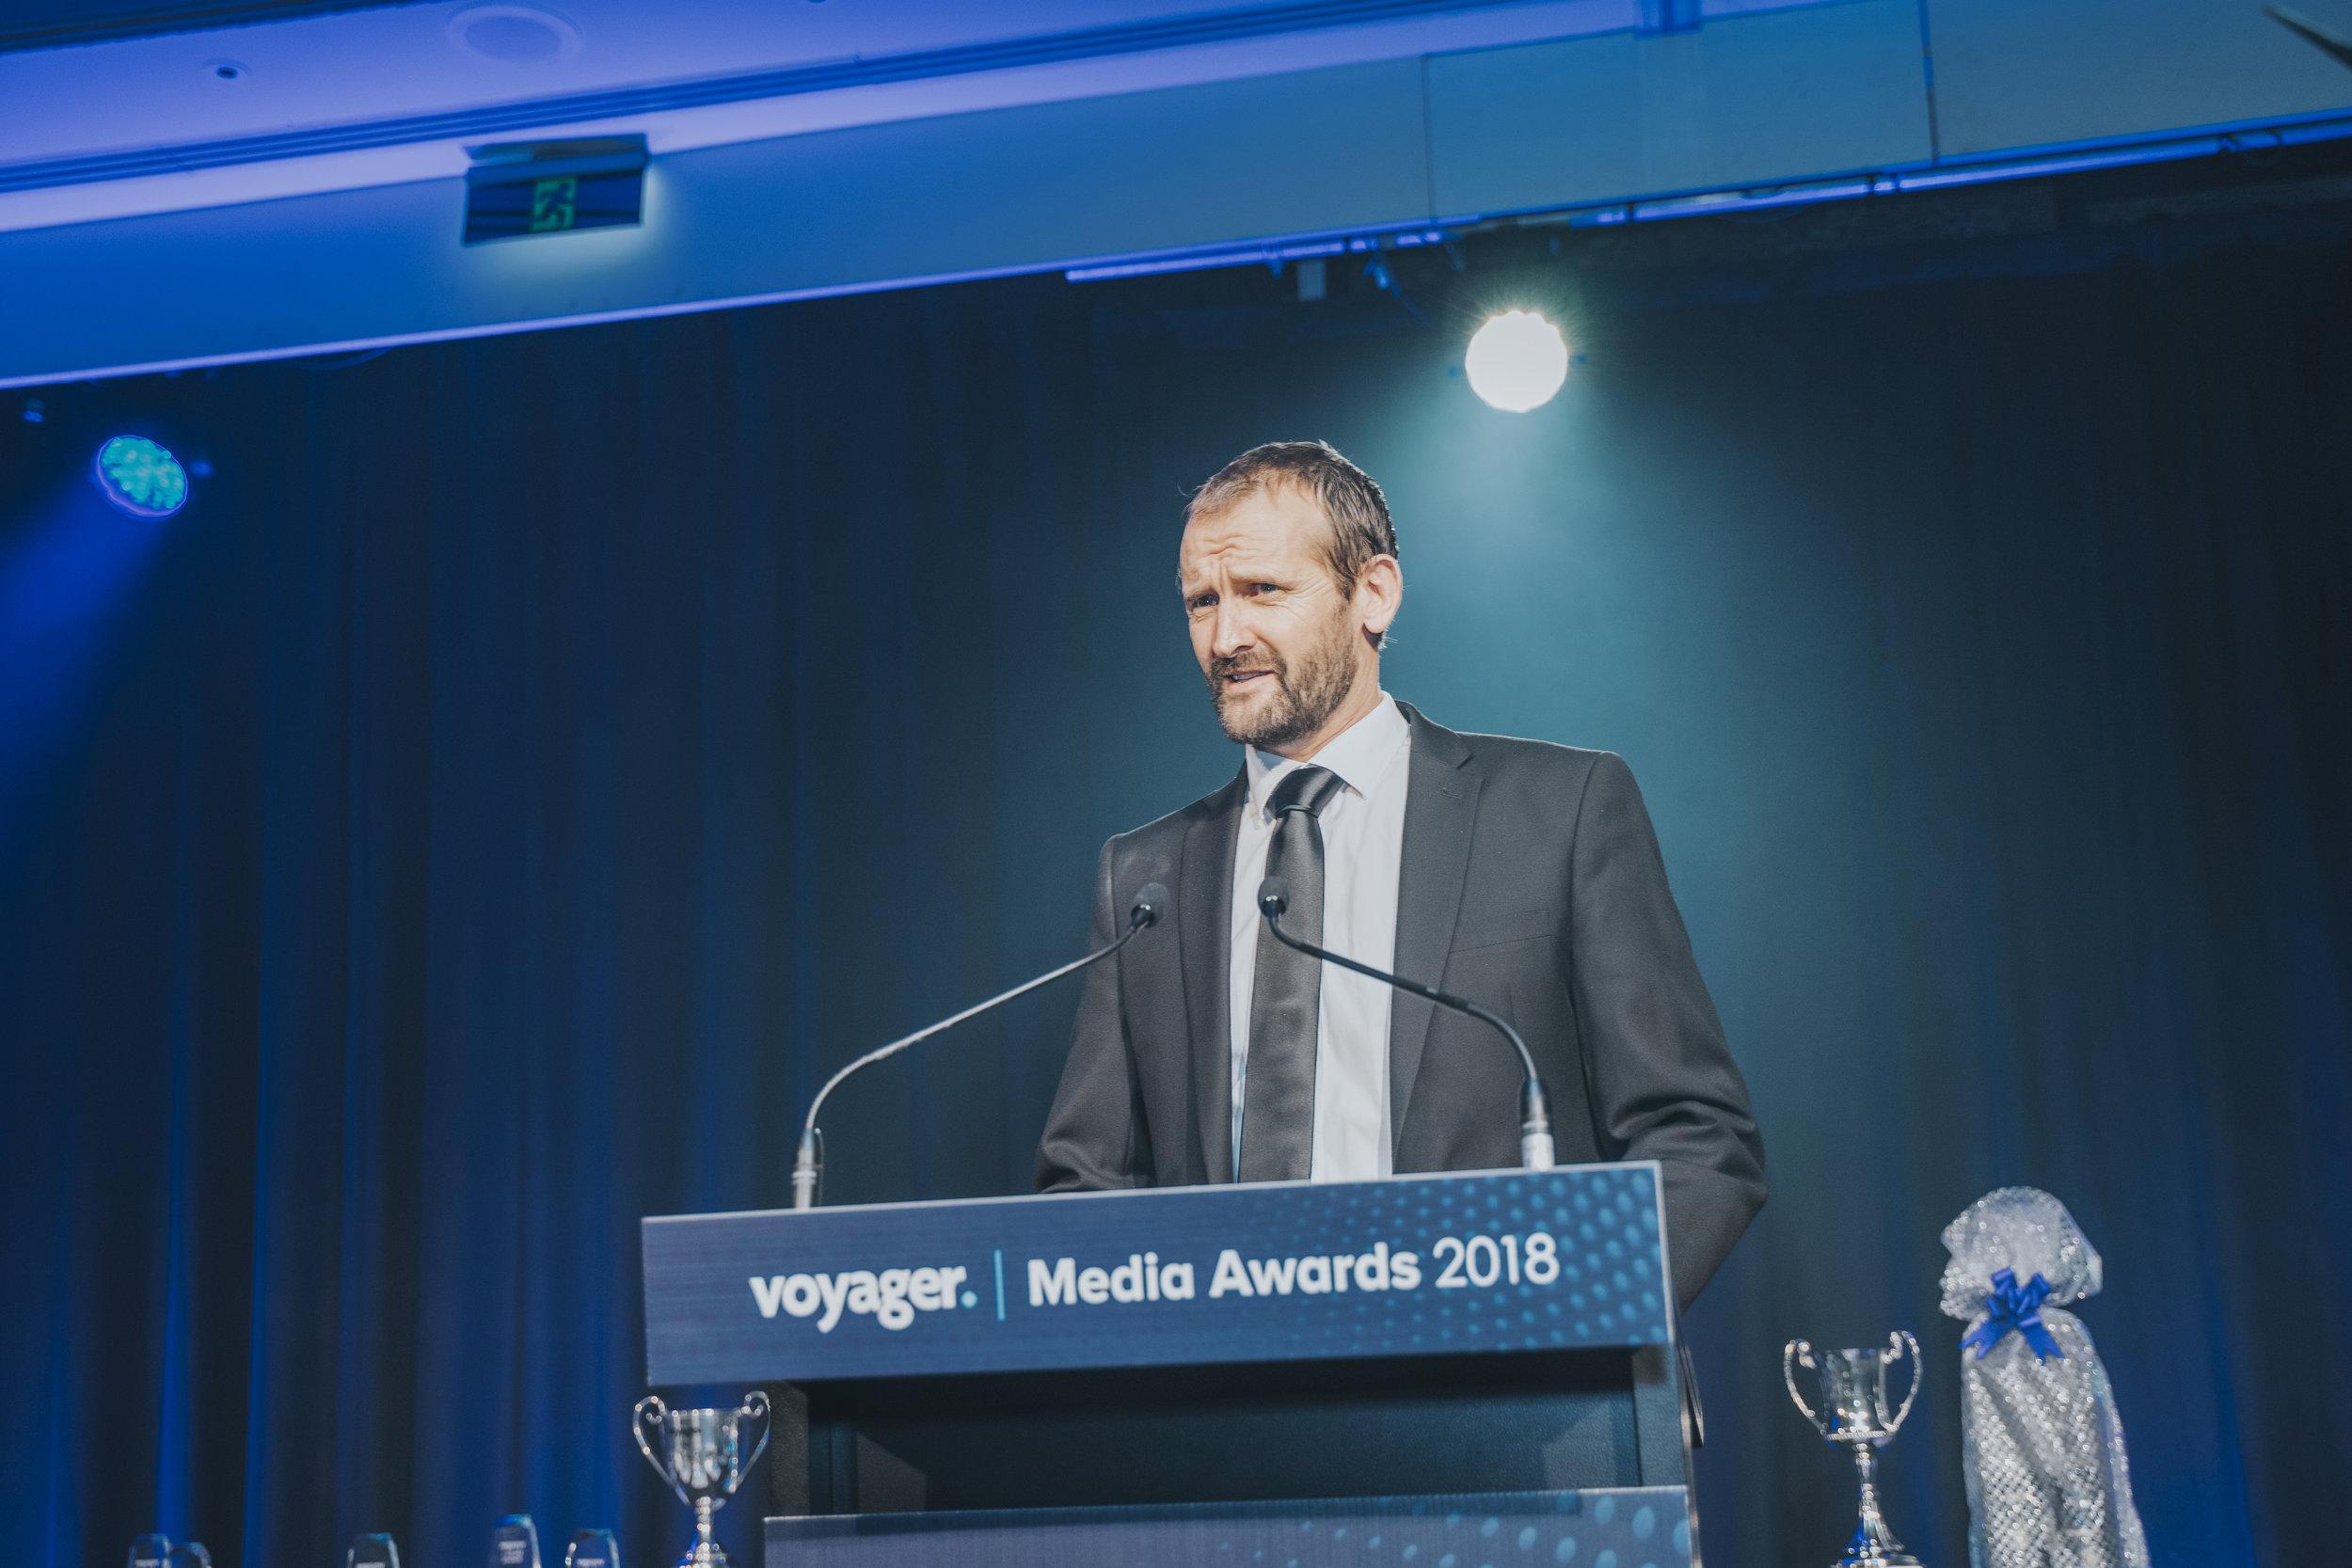 Voyager Media Awards 2018-193.JPG